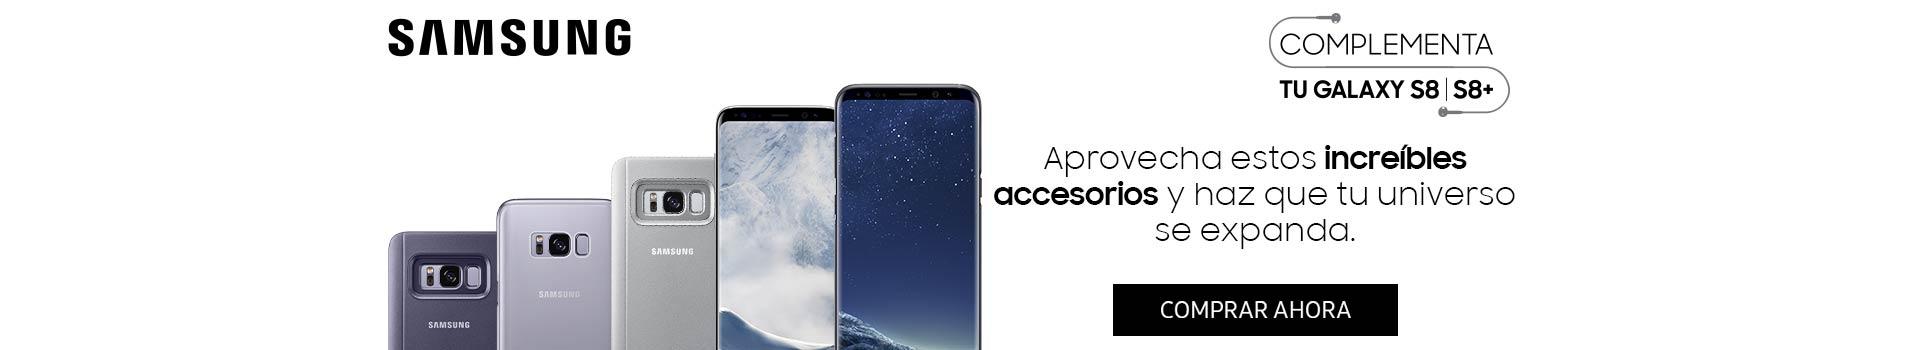 CAT Samsung Accesorios S8 - 28 Junio 2017